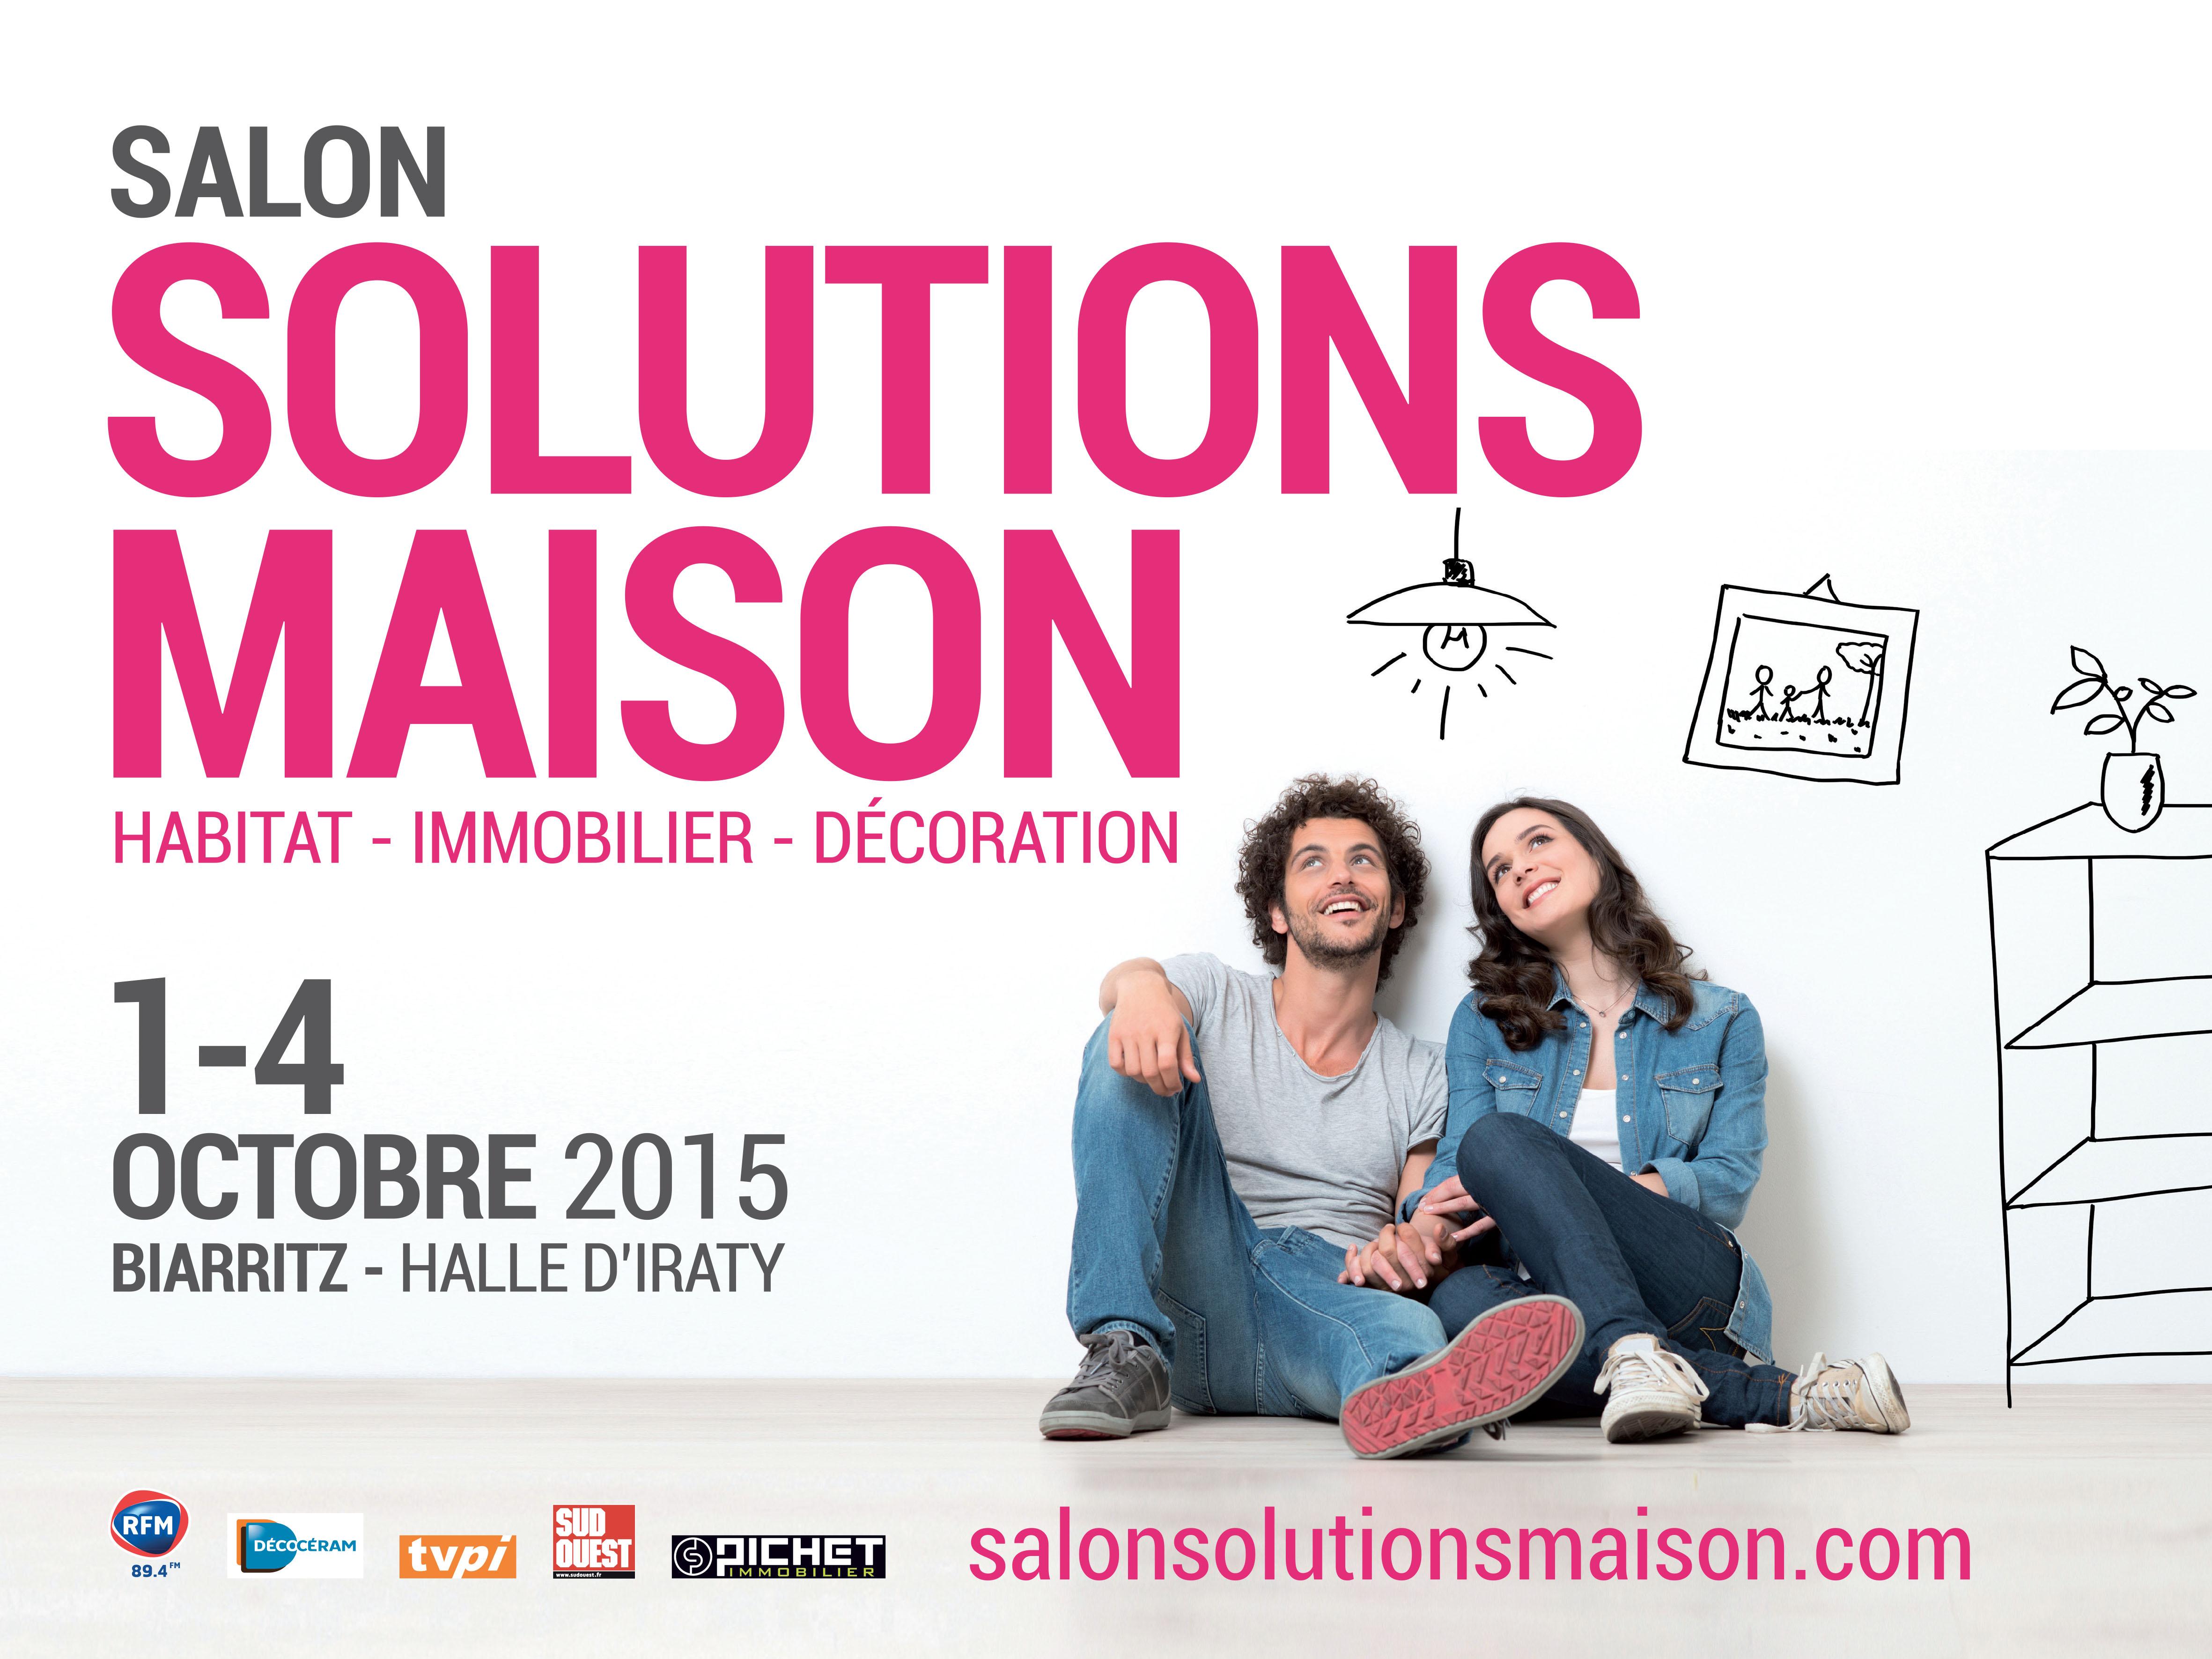 Salon solutions maison Aquitaine